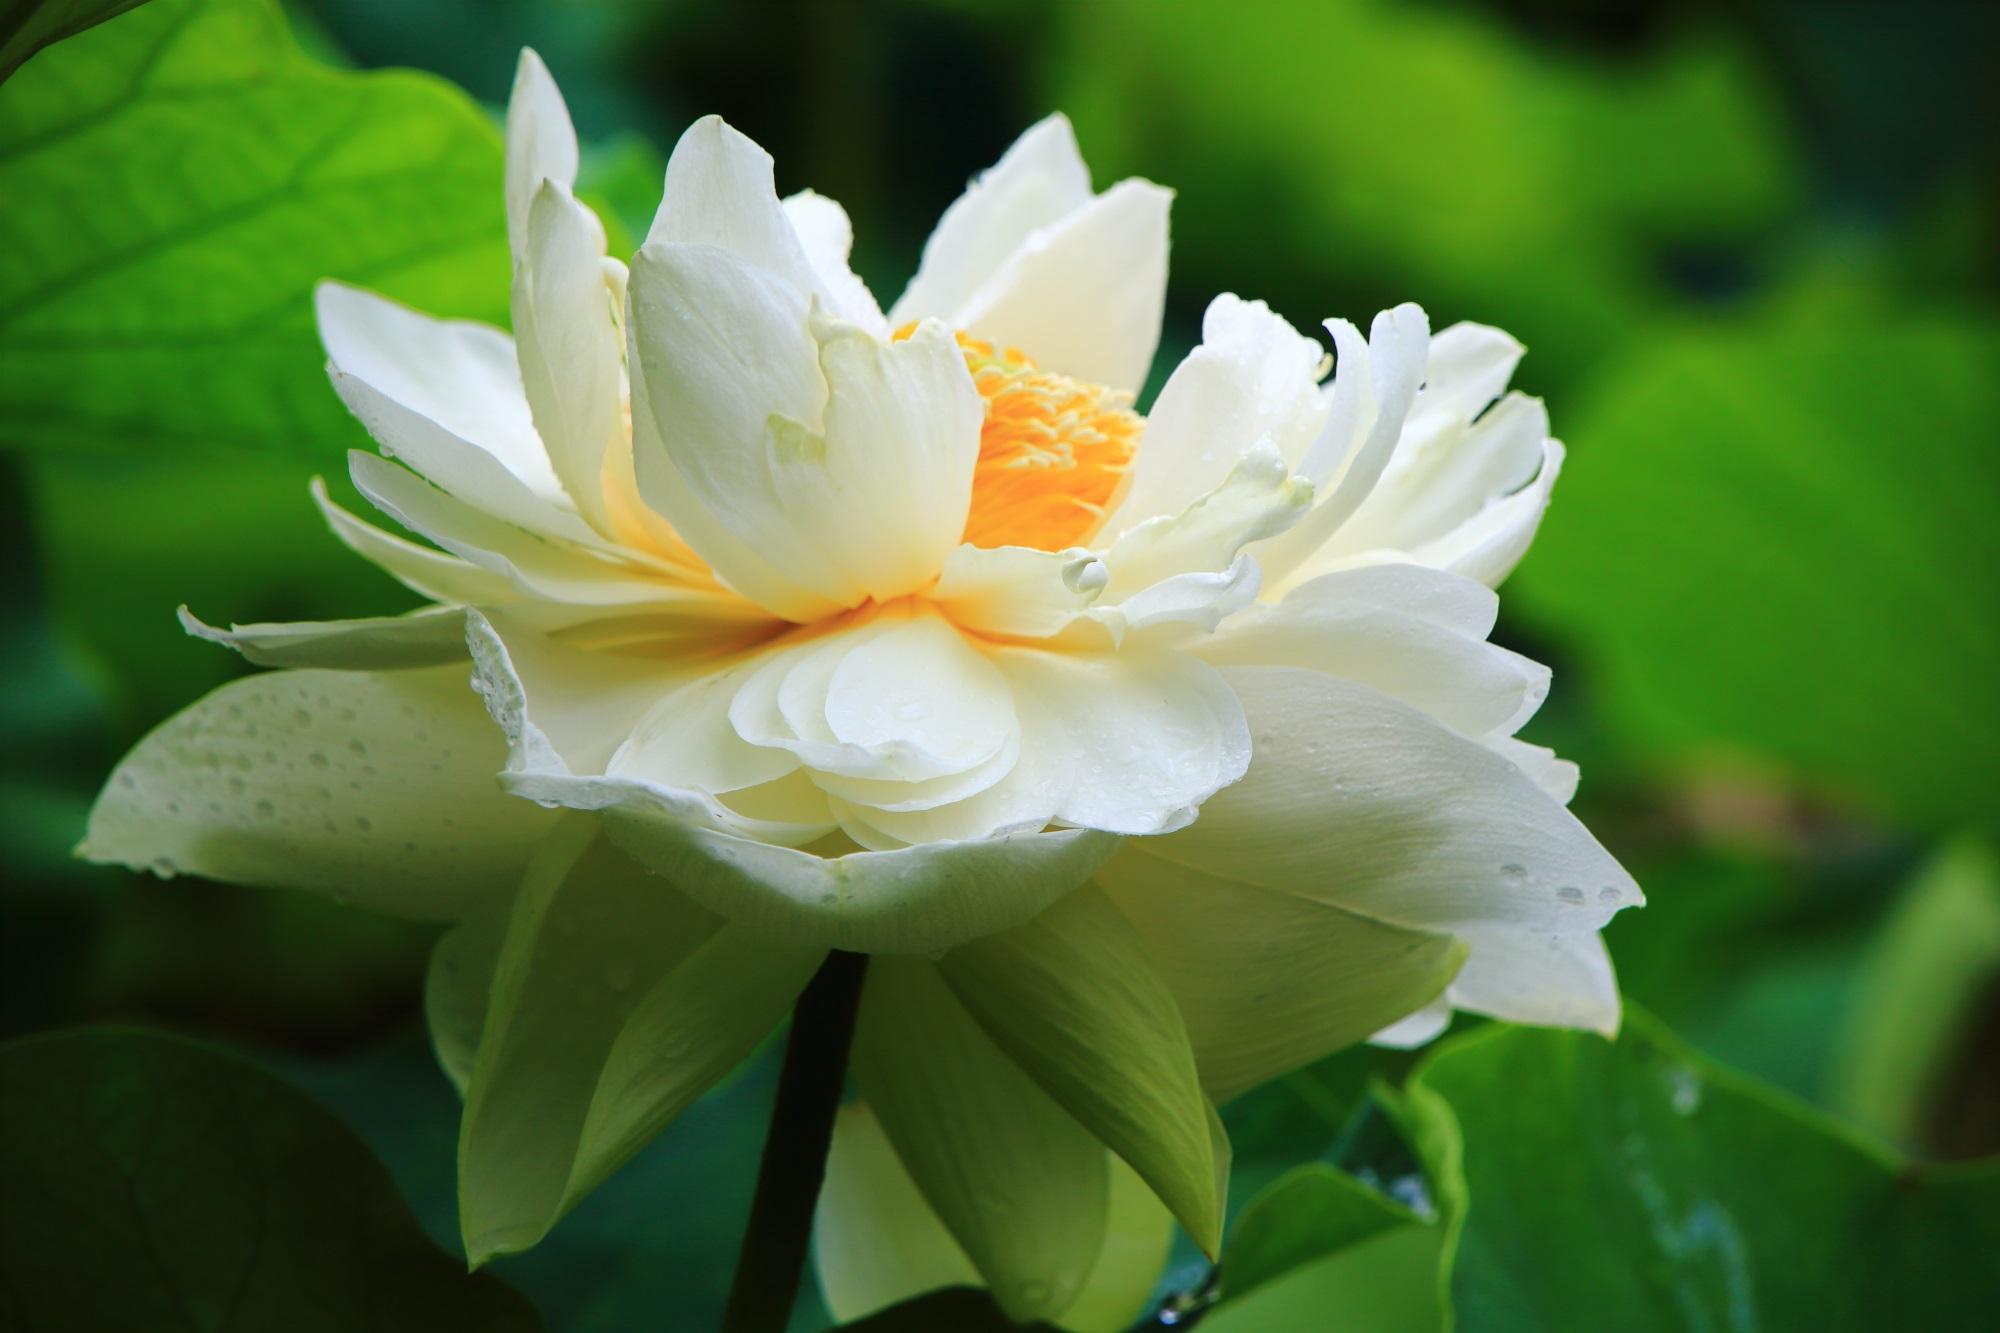 三室戸寺の花びらが溢れんばかりに咲き誇る白い蓮の花